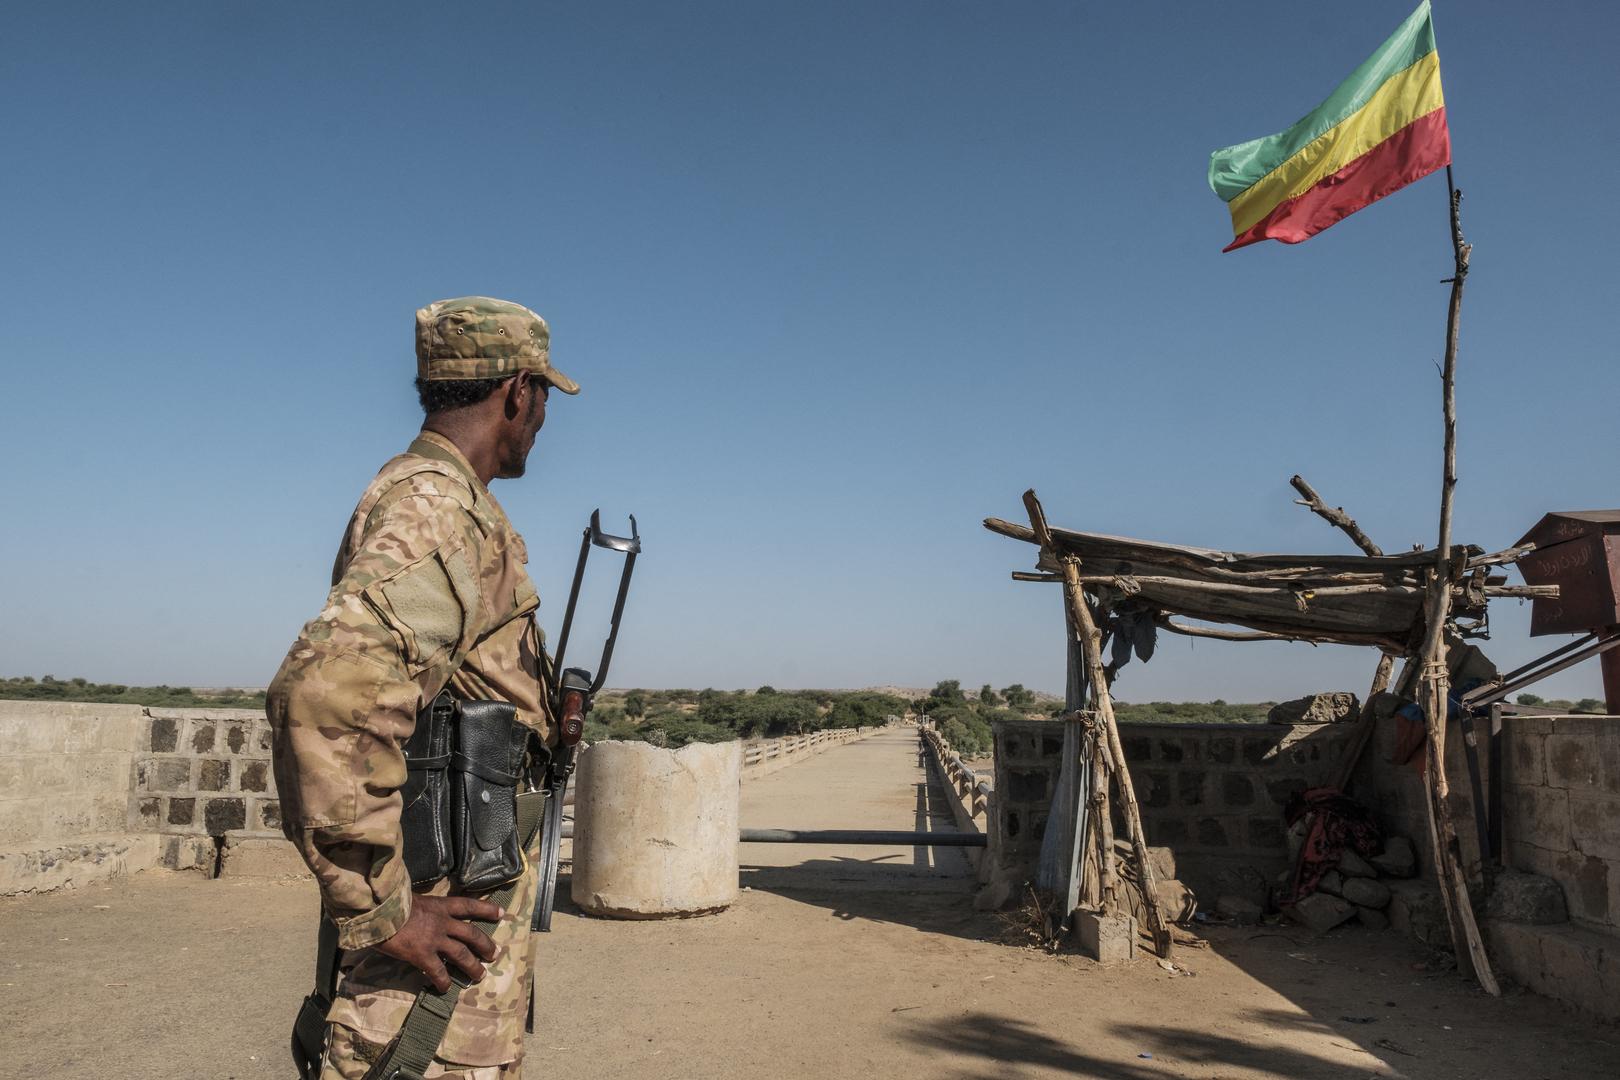 إريتريا تعترف بوجود قواتها في إقليم تيغراي الإثيوبي